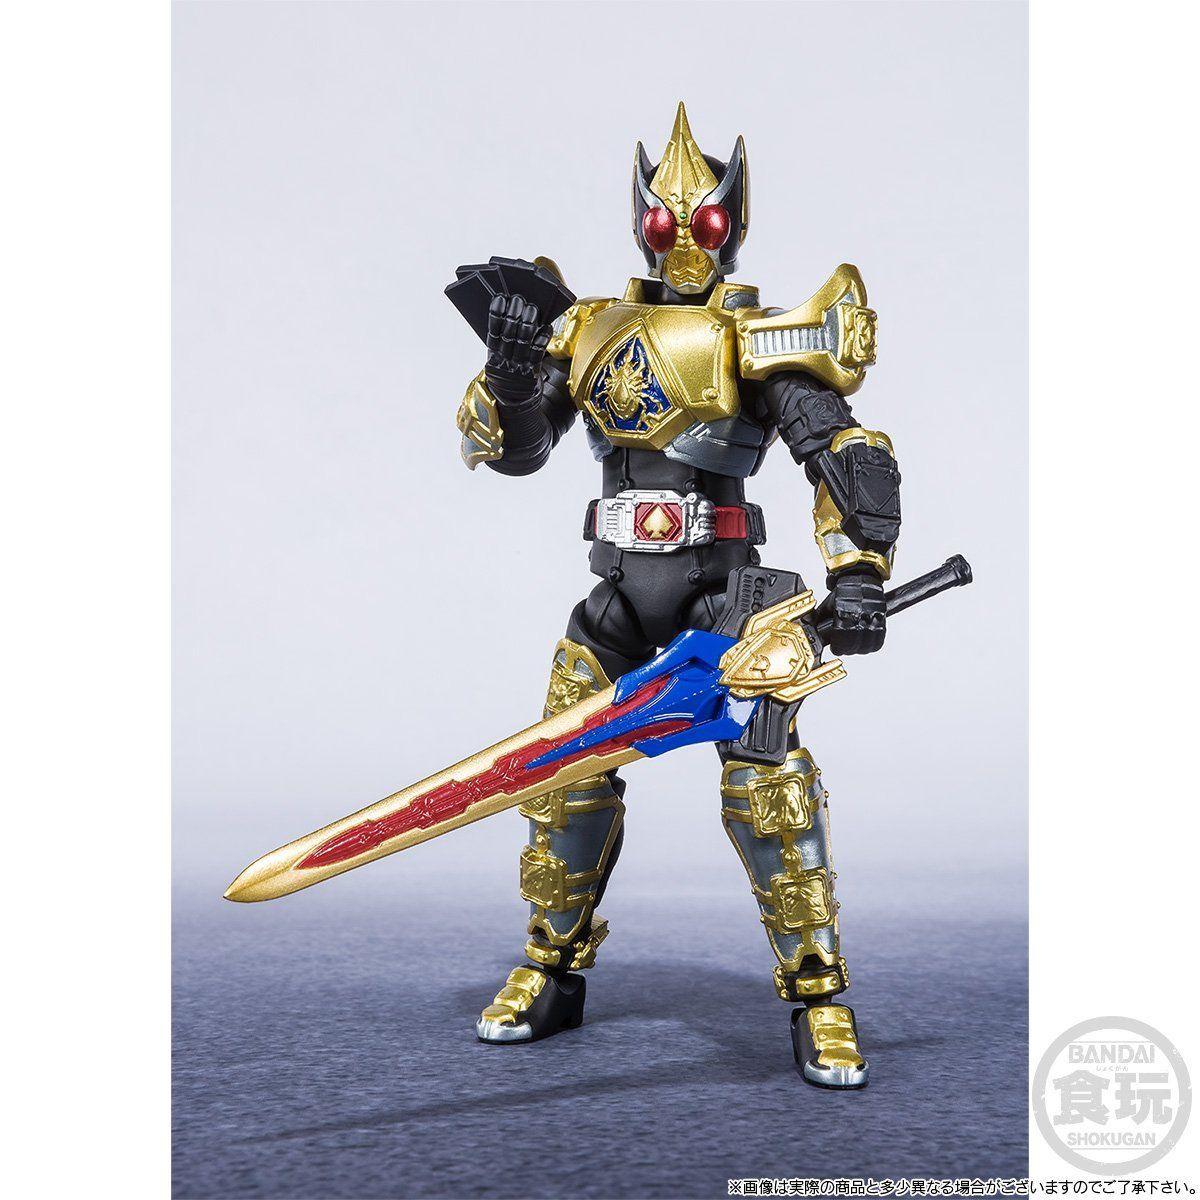 【限定販売】【食玩】SHODO-X『仮面ライダー剣 キングフォームセット』可動フィギュア-003